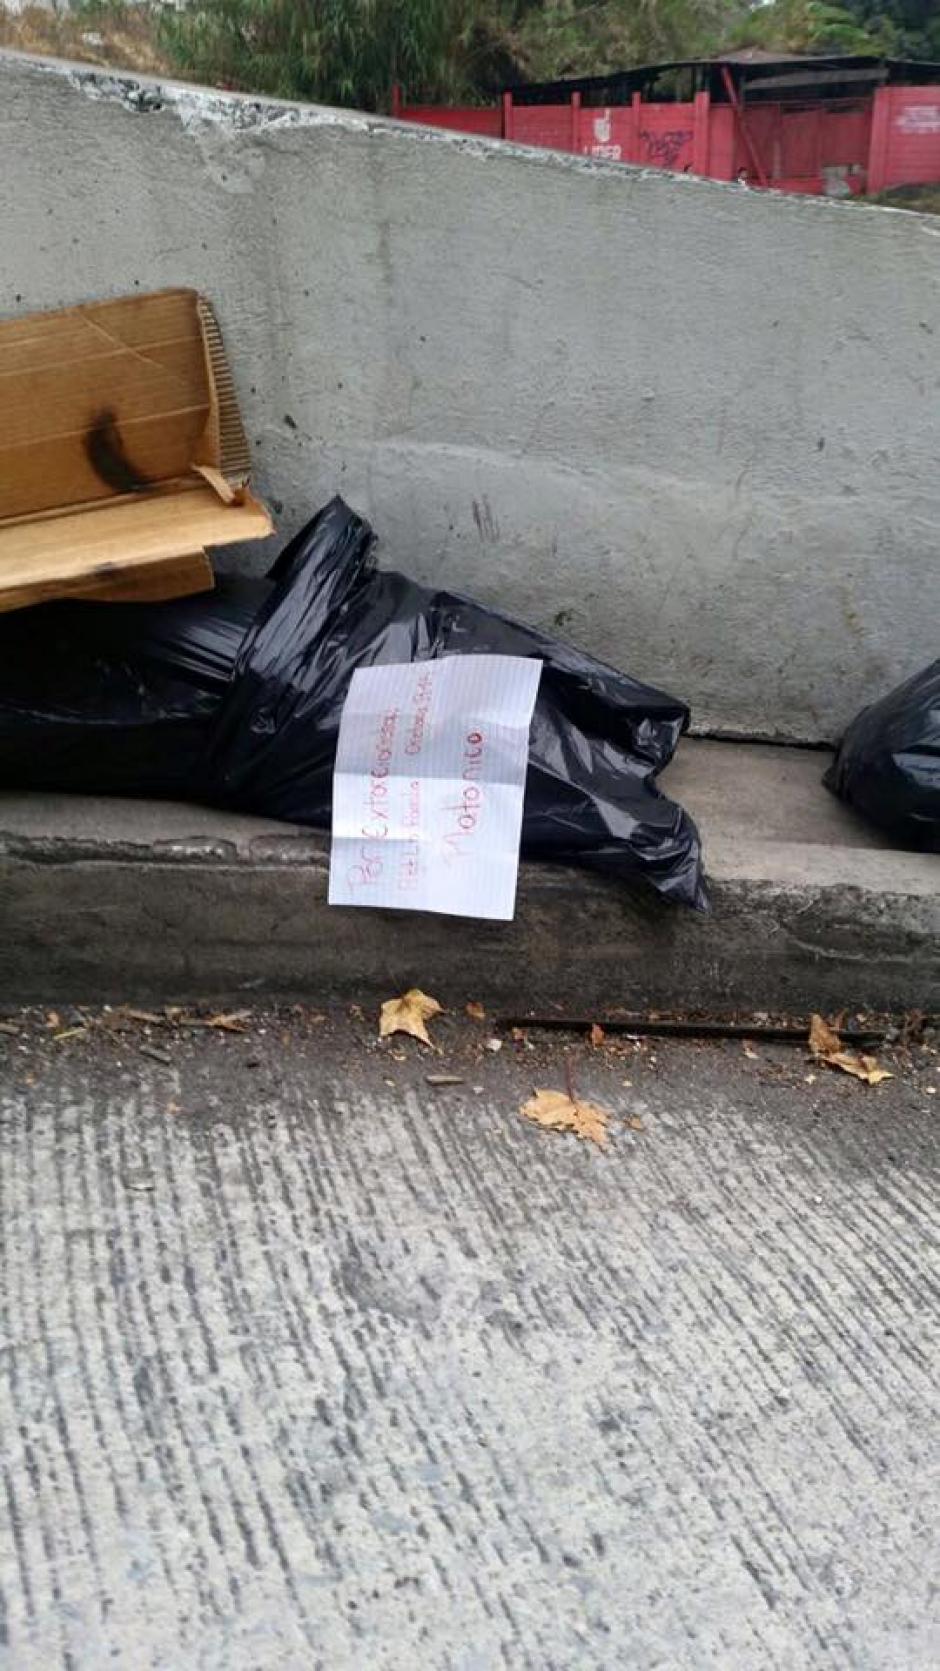 La nota dejada junto al cuerpo está firmada supuestamente por la familia Orellana R15. (Foto: Facebook/Neto Bran)